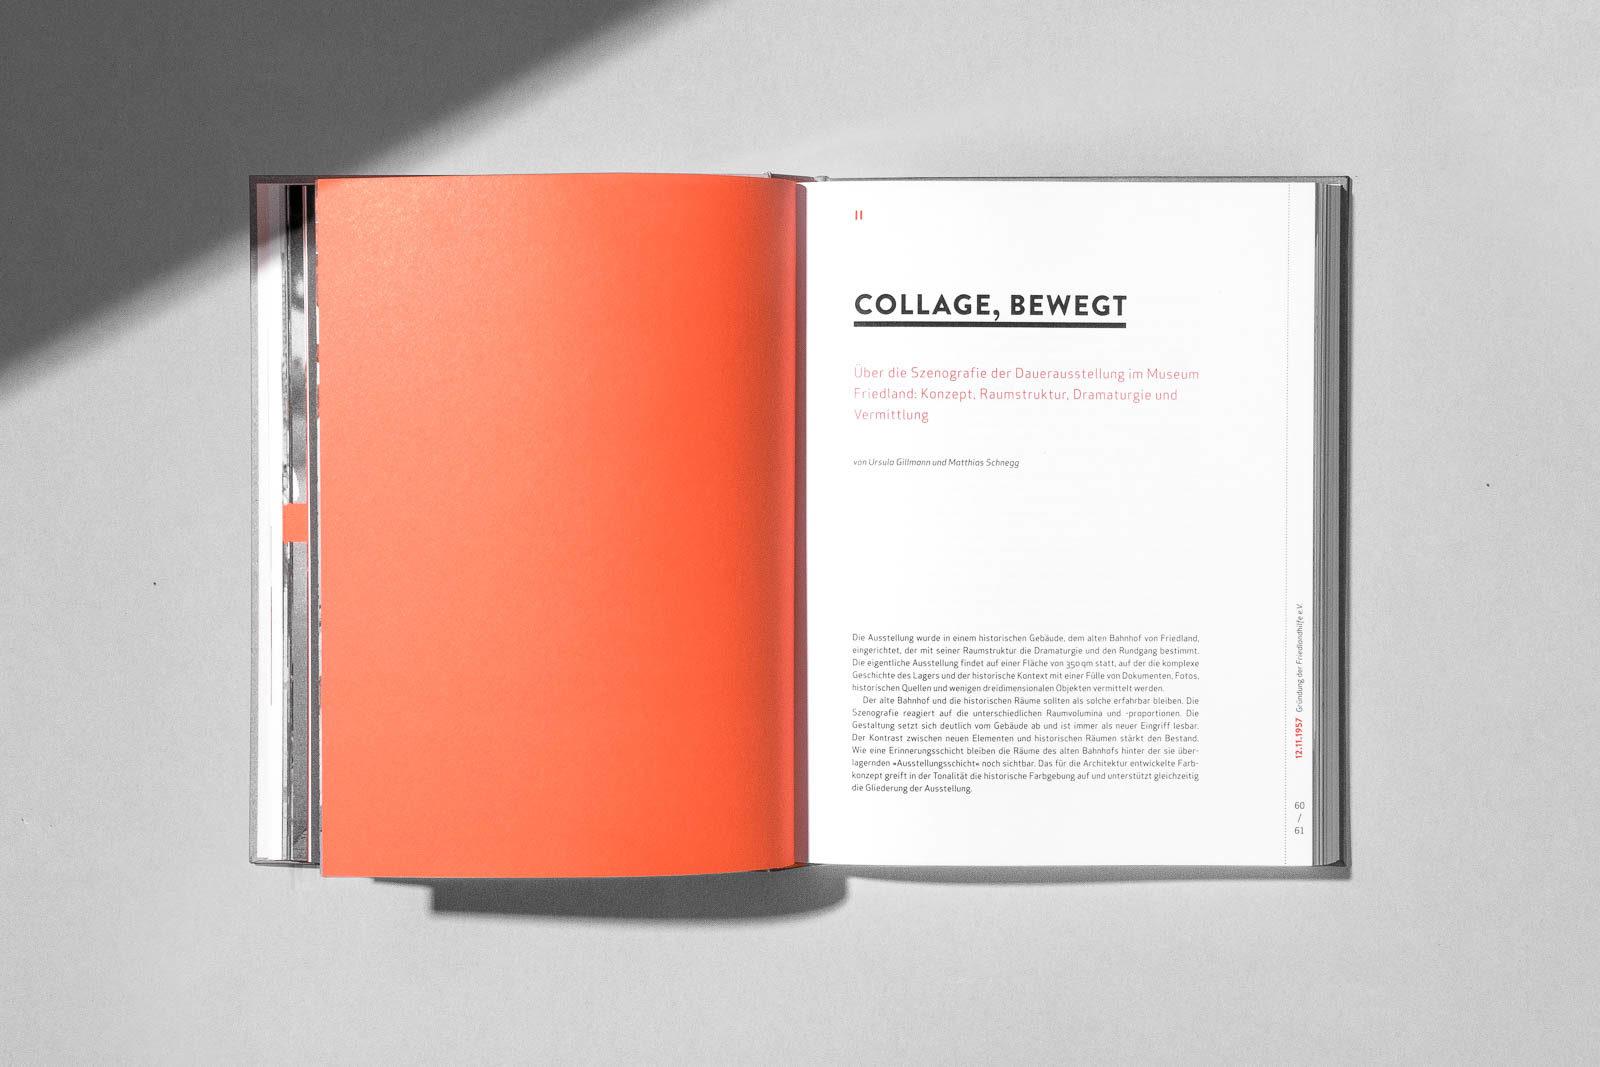 Editienne Kommunikationsdesign- Buchgestaltung für den Ausstellungskatalog 9